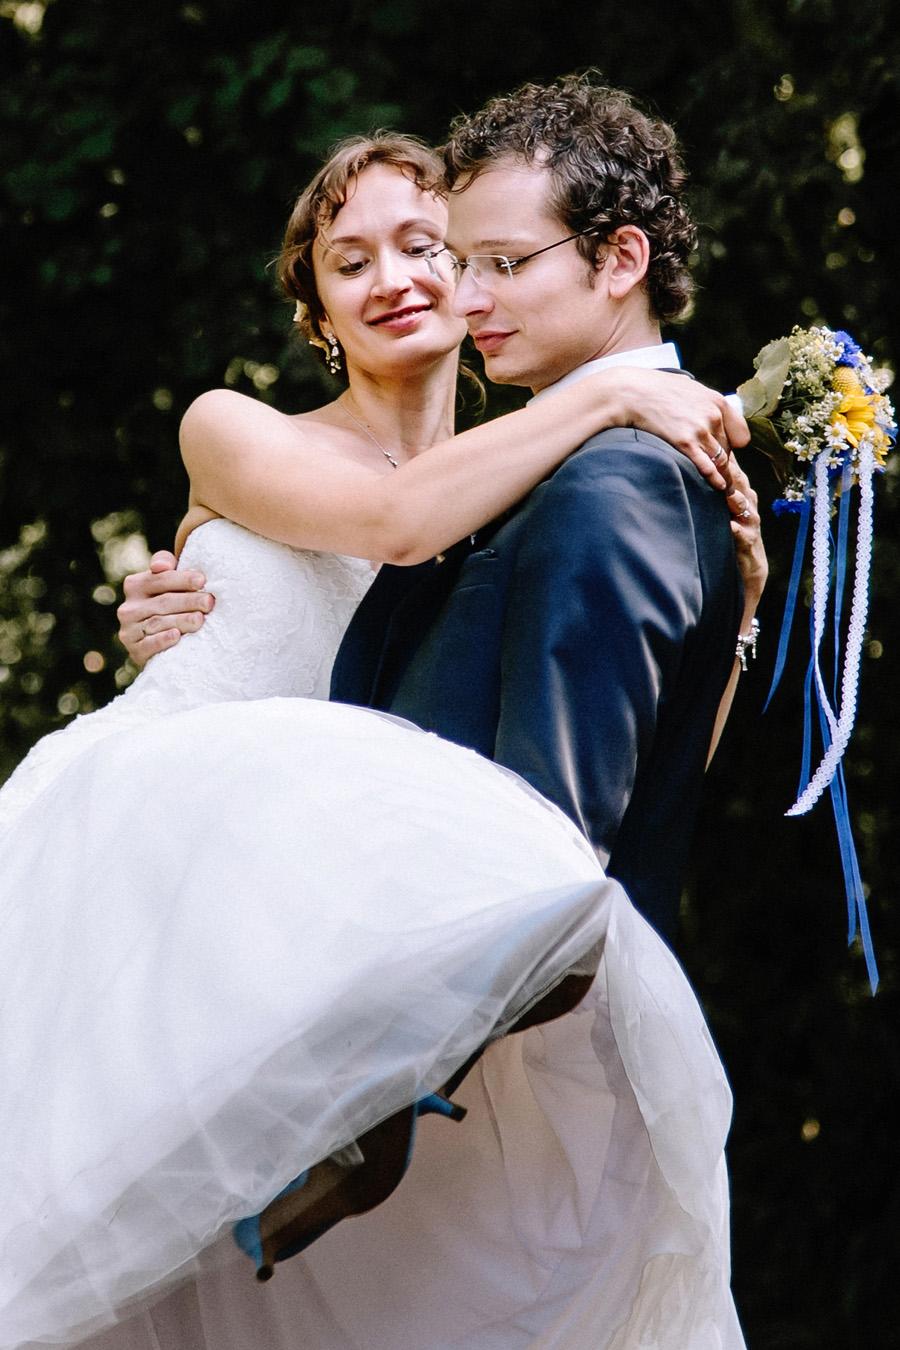 Hochzeitsreportage vom Fotografen - Brautpaarfotos